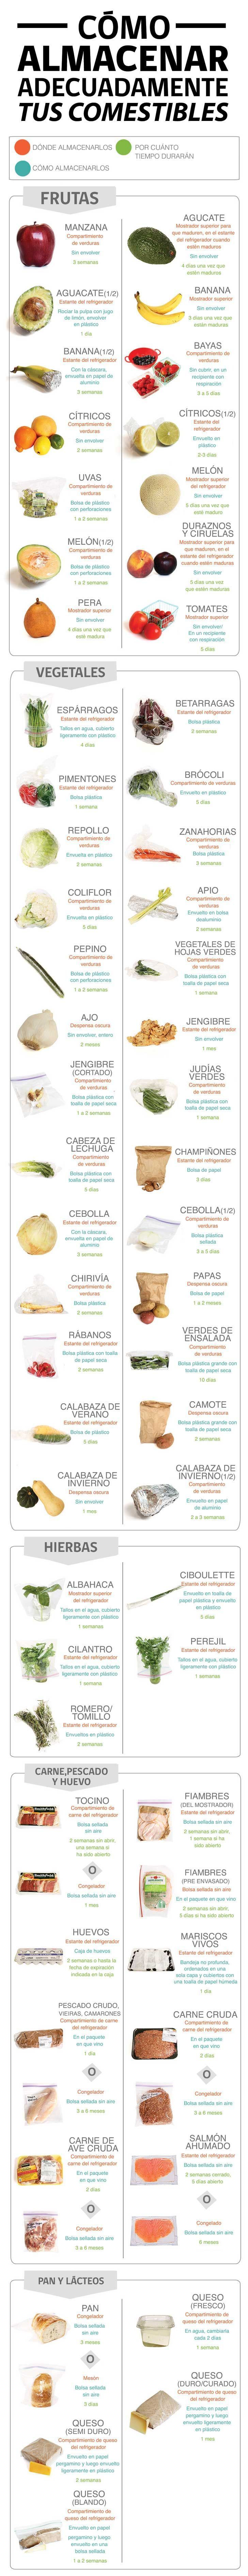 El almacenamiento de alimentos en casa. #alimentos #infografia #conservación #nutricioninfografia